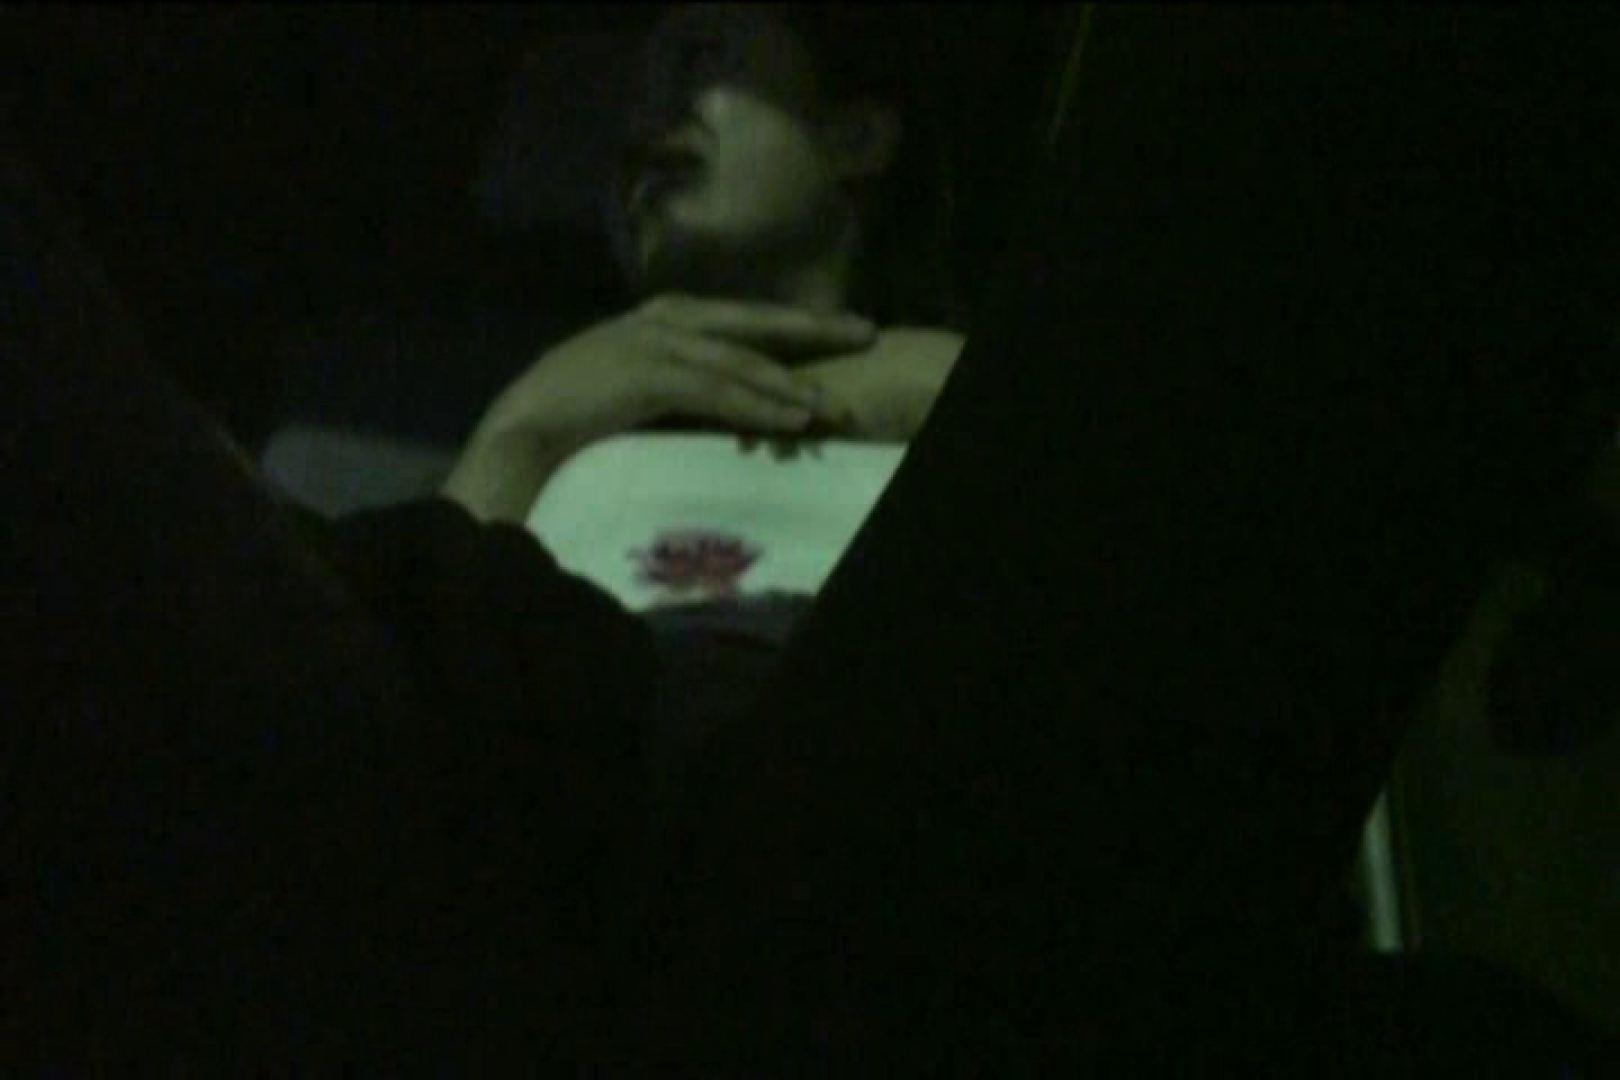 車内で初めまして! vol01 ハプニング   盗撮  68pic 5